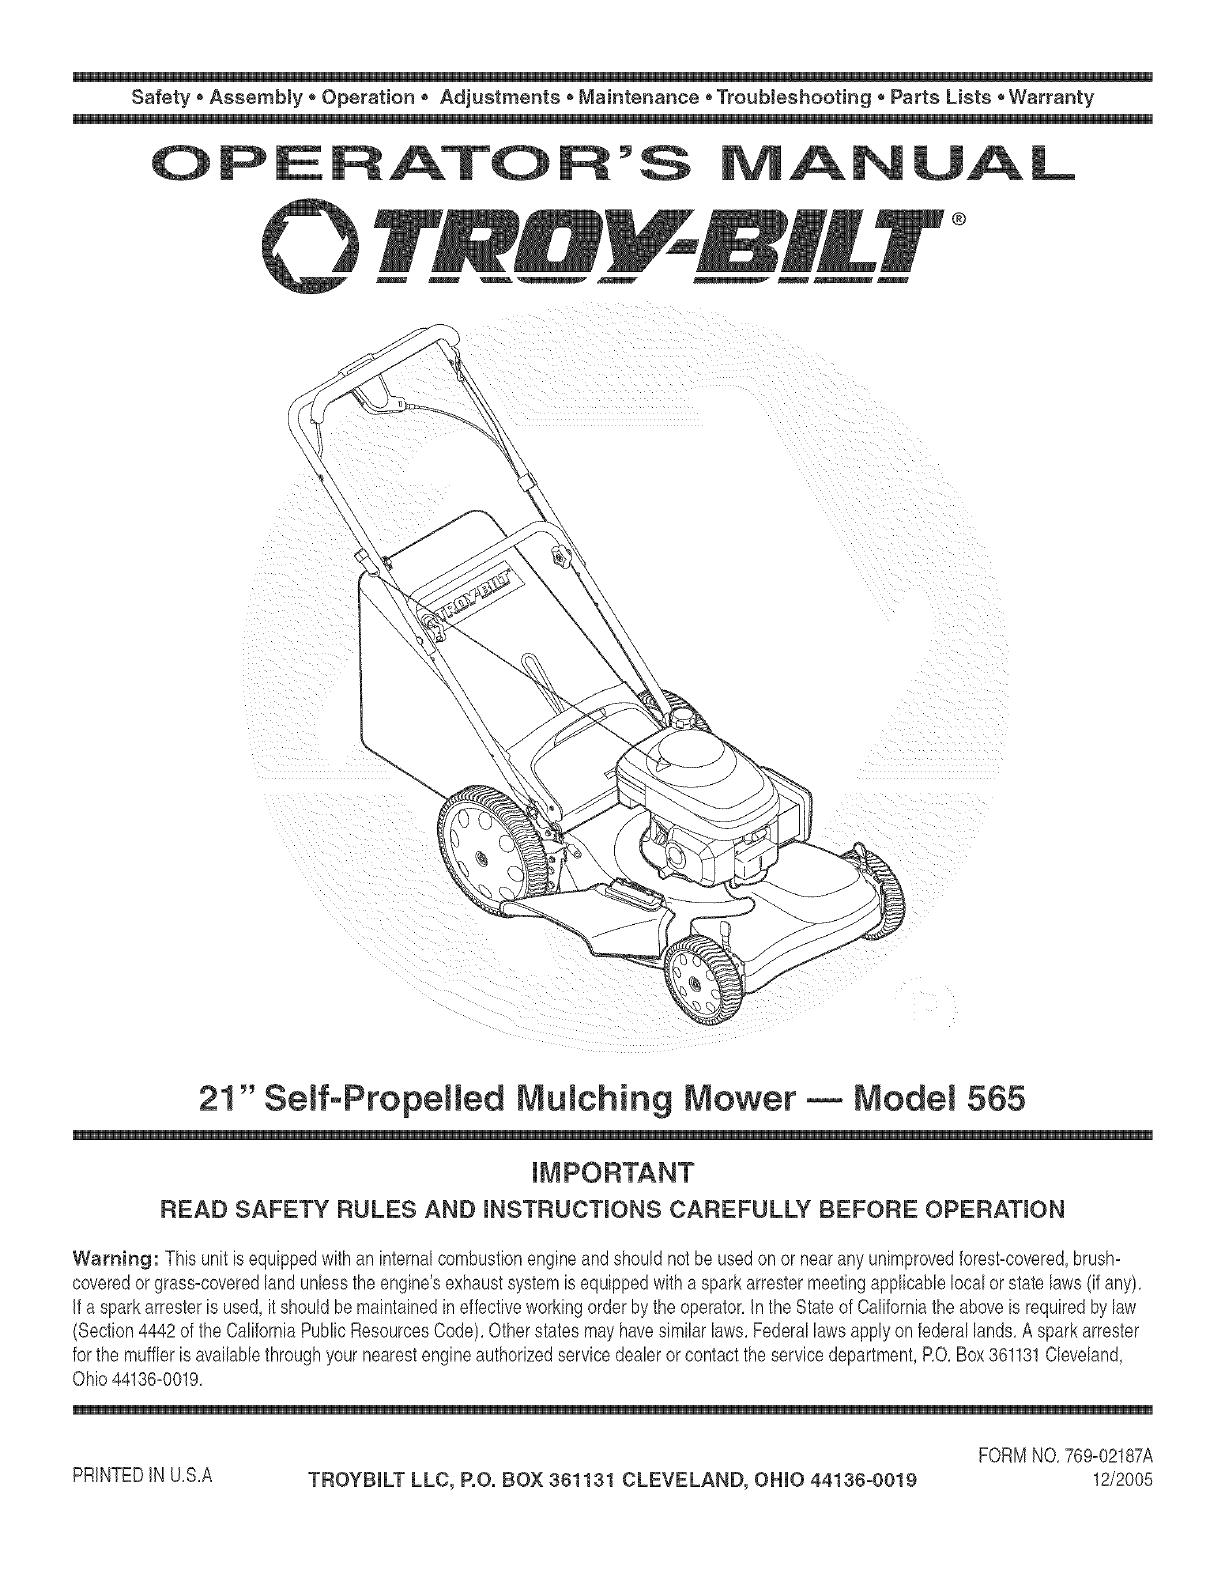 troy bilt engine wiring diagram troybilt 12av565q711 user manual mower manuals and guides l0602165  12av565q711 user manual mower manuals